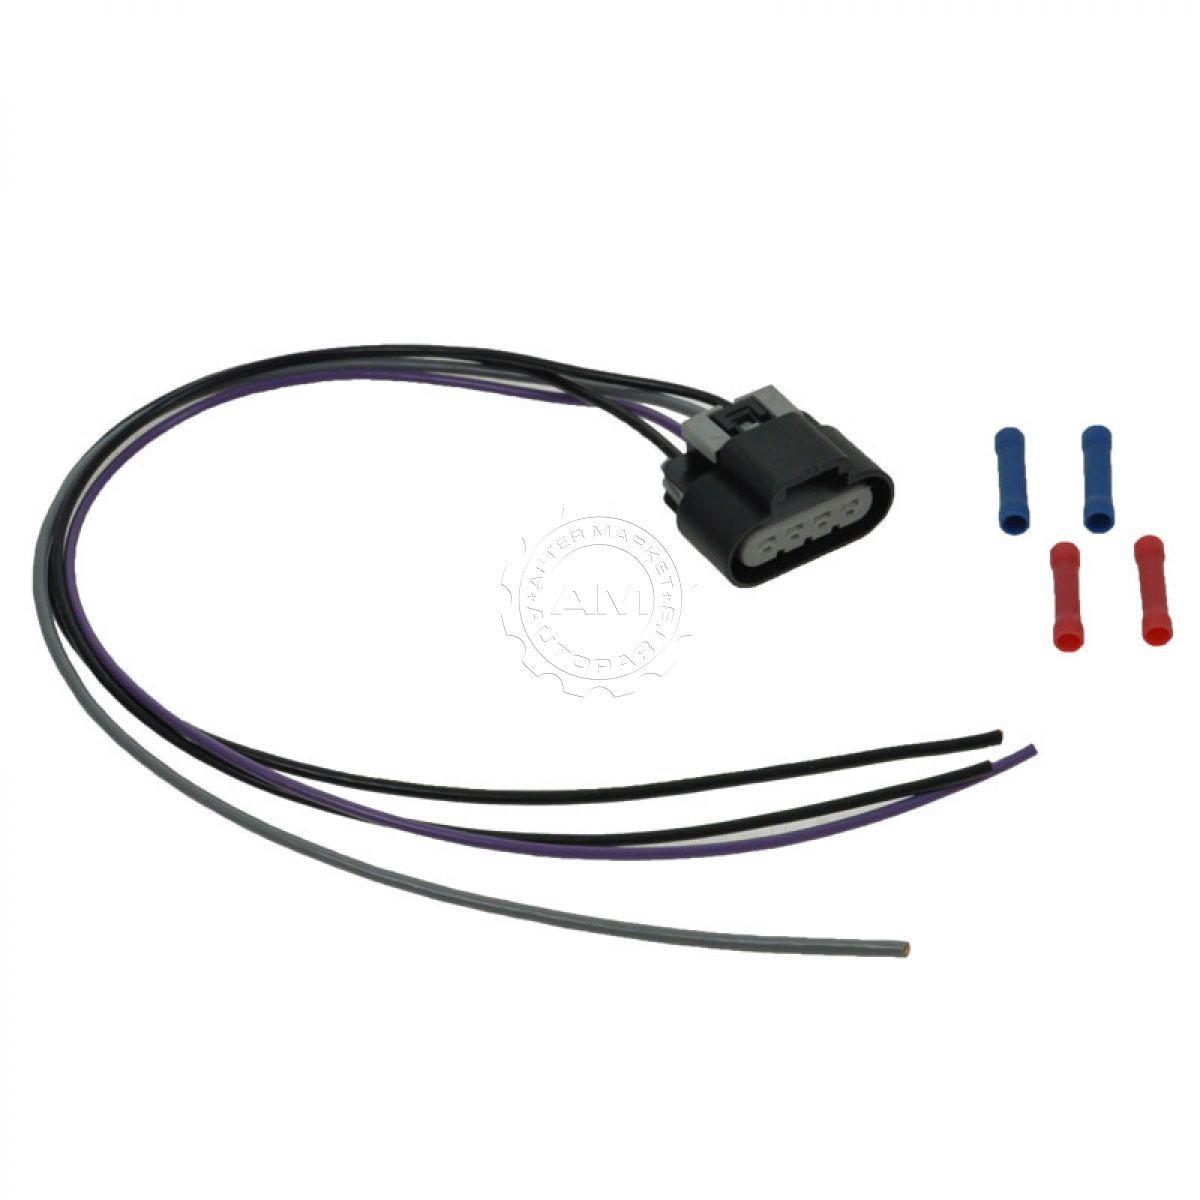 ebay fuel pump pigtail.jpg